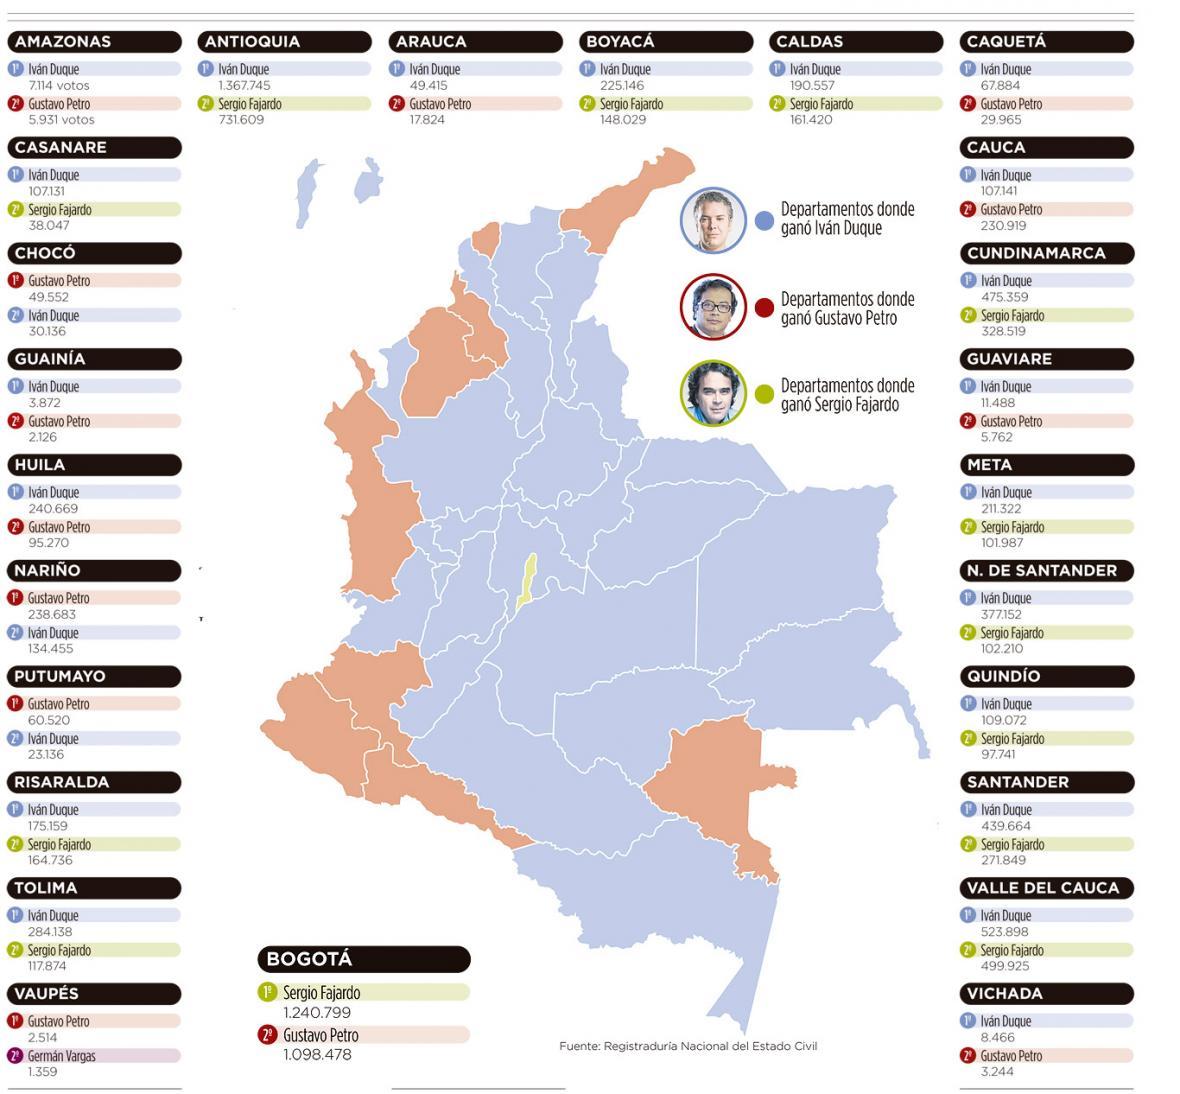 https://www.elheraldo.co/politica/asi-queda-el-mapa-electoral-tras-las-elecciones-la-presidencia-500112